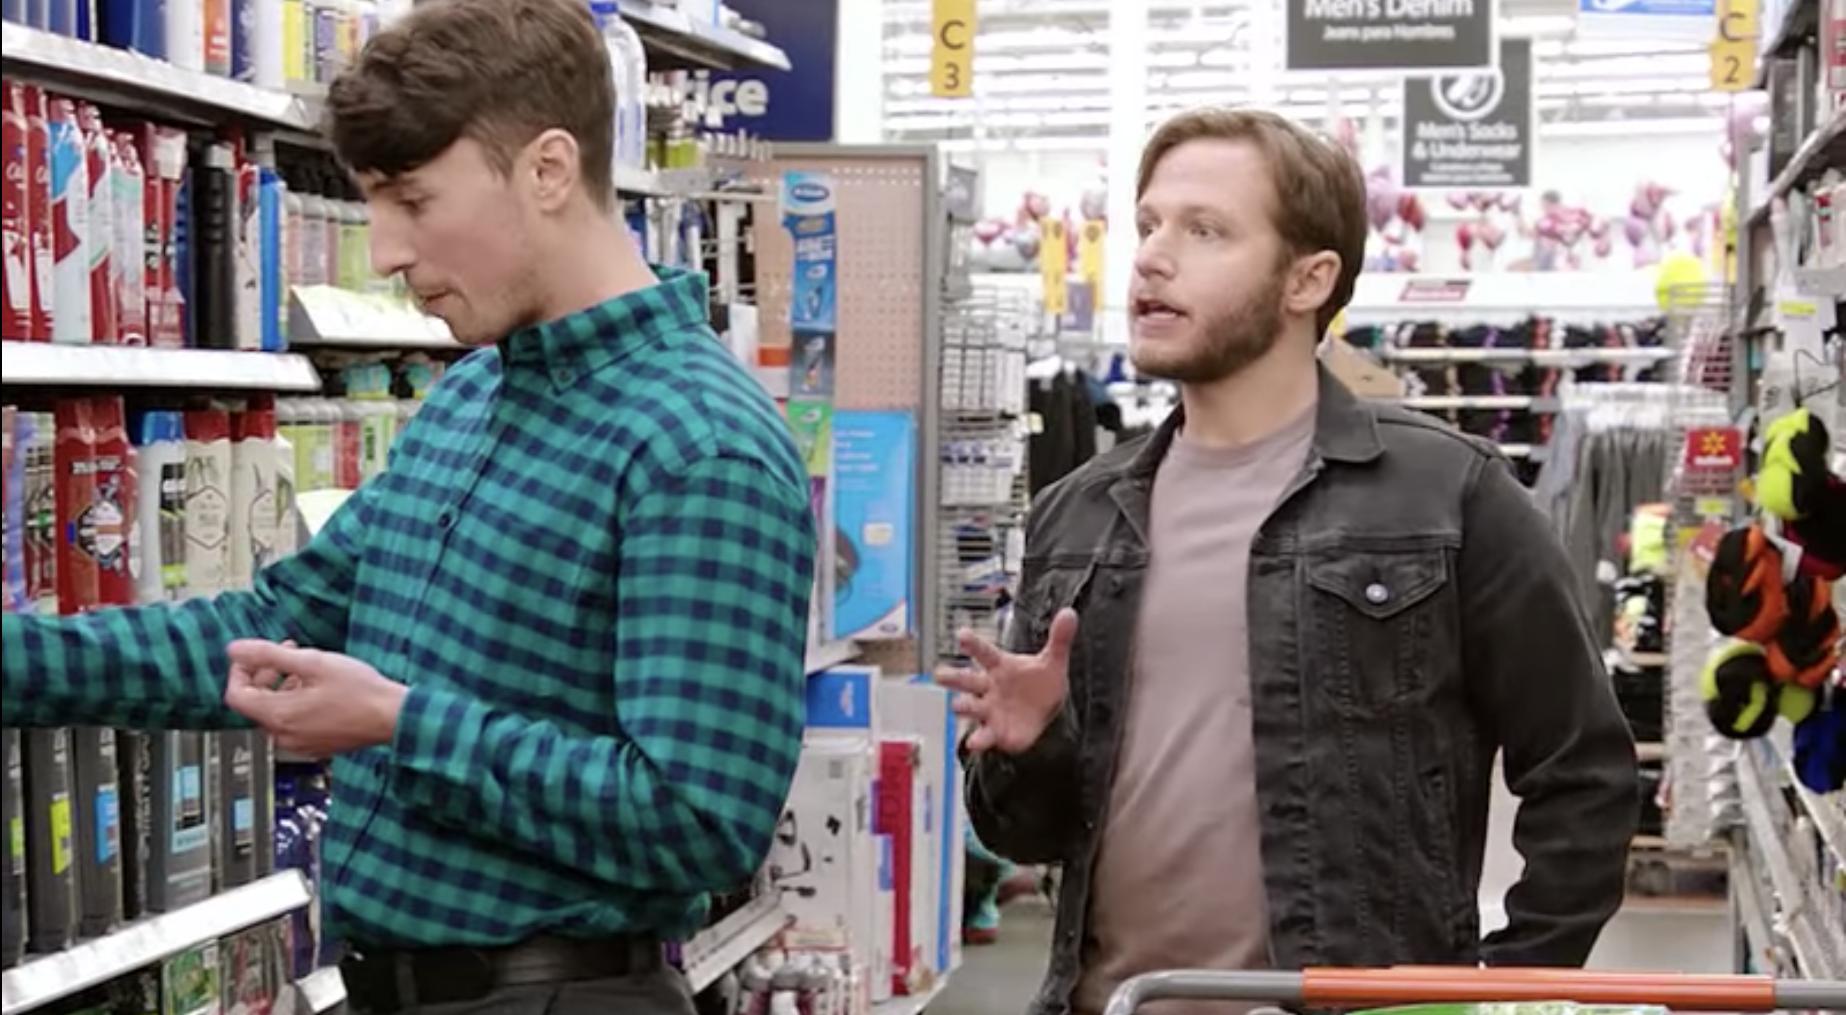 Etats-Unis : Walmart s'attire les foudres d'une association pour une pub avec un couple gay